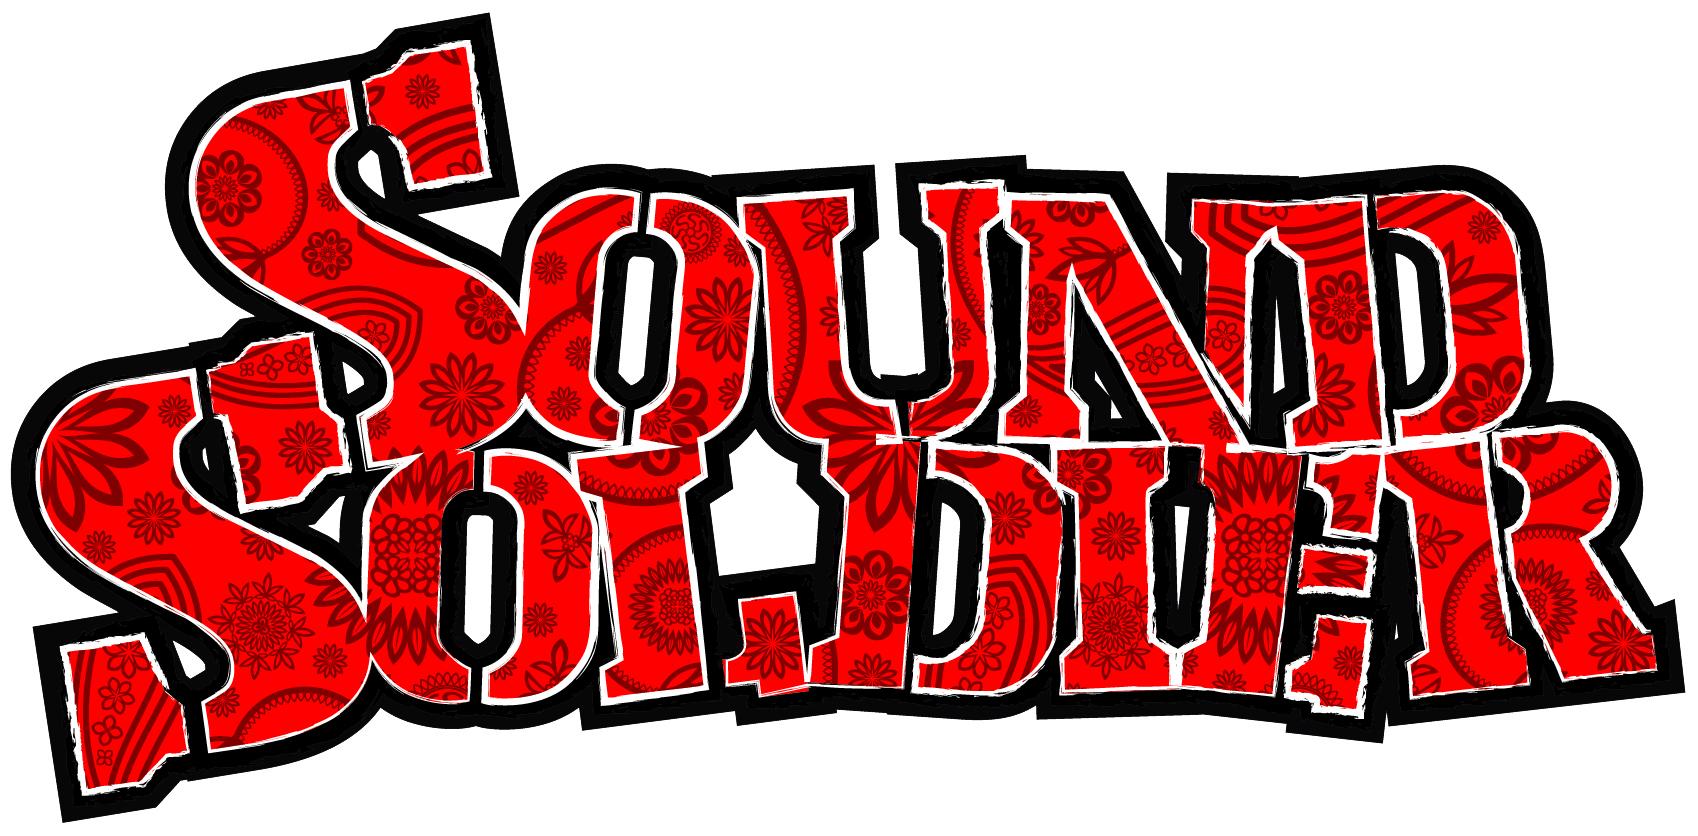 SOUND_SOLDIER.jpg